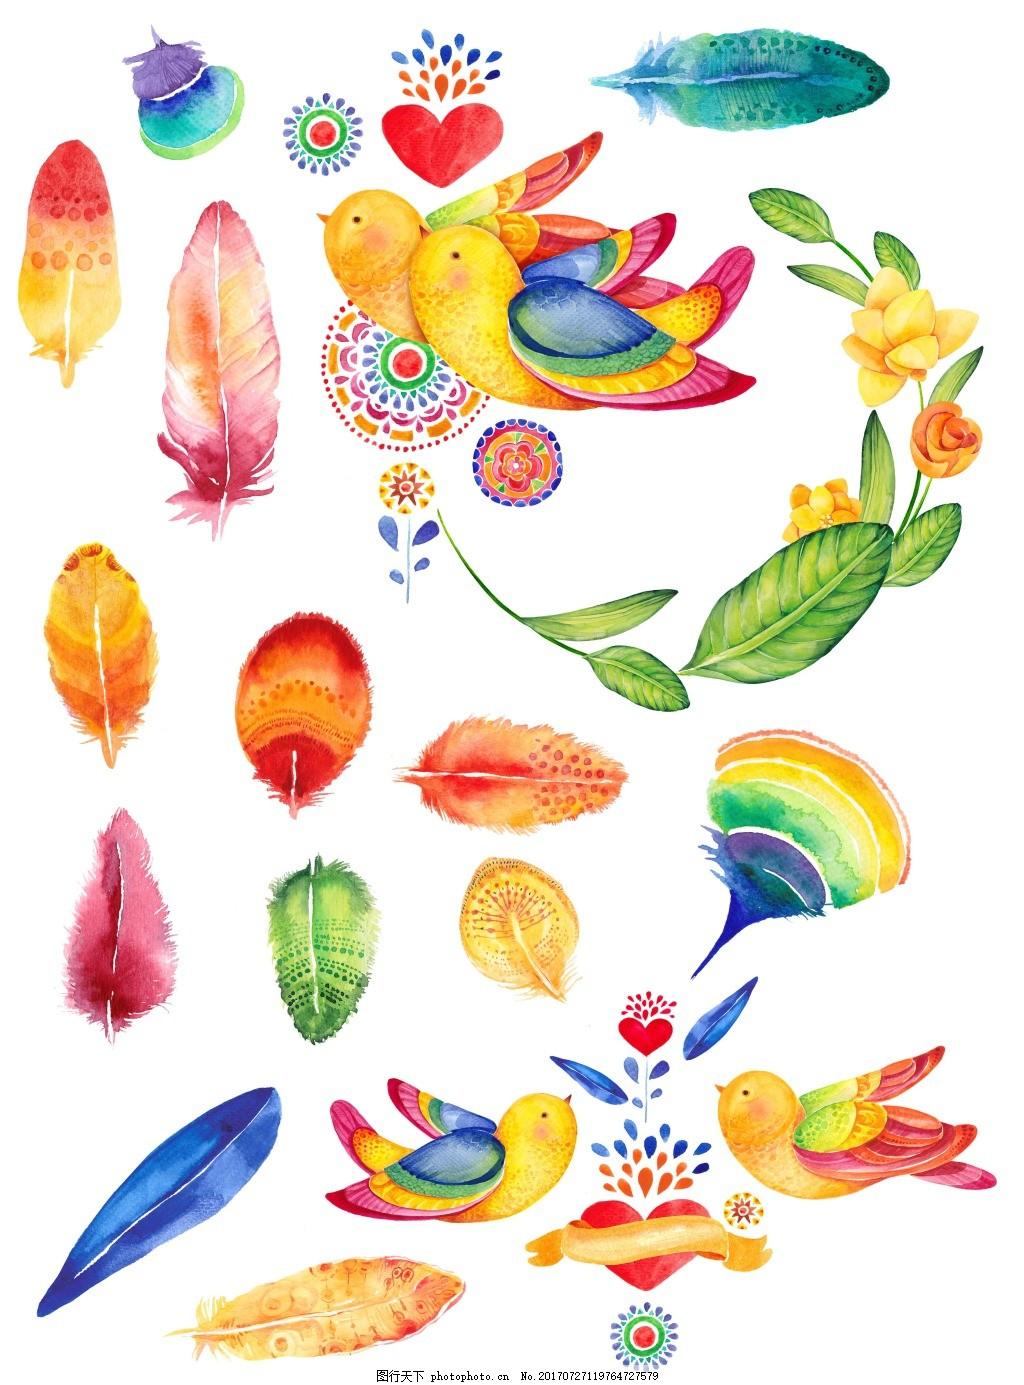 渐变水彩绘图案设计 羽毛 小鸟 叶子 植物 水彩绘 图案 彩色 花朵